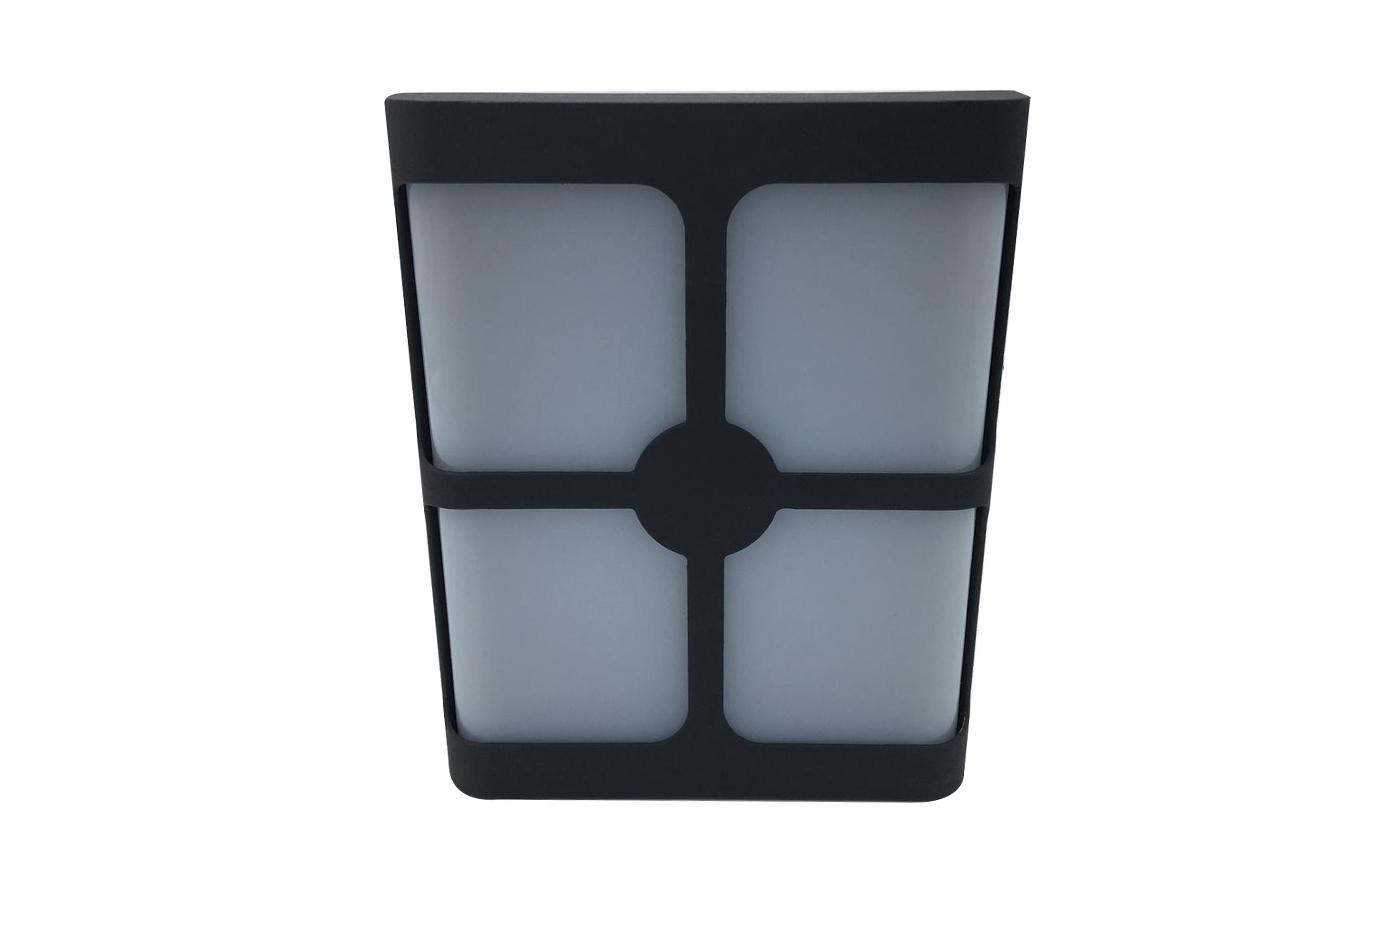 Divisori In Plastica Per Terrazzi applique esterno lampada parete luce fredda giardino terrazzo moderno 177g